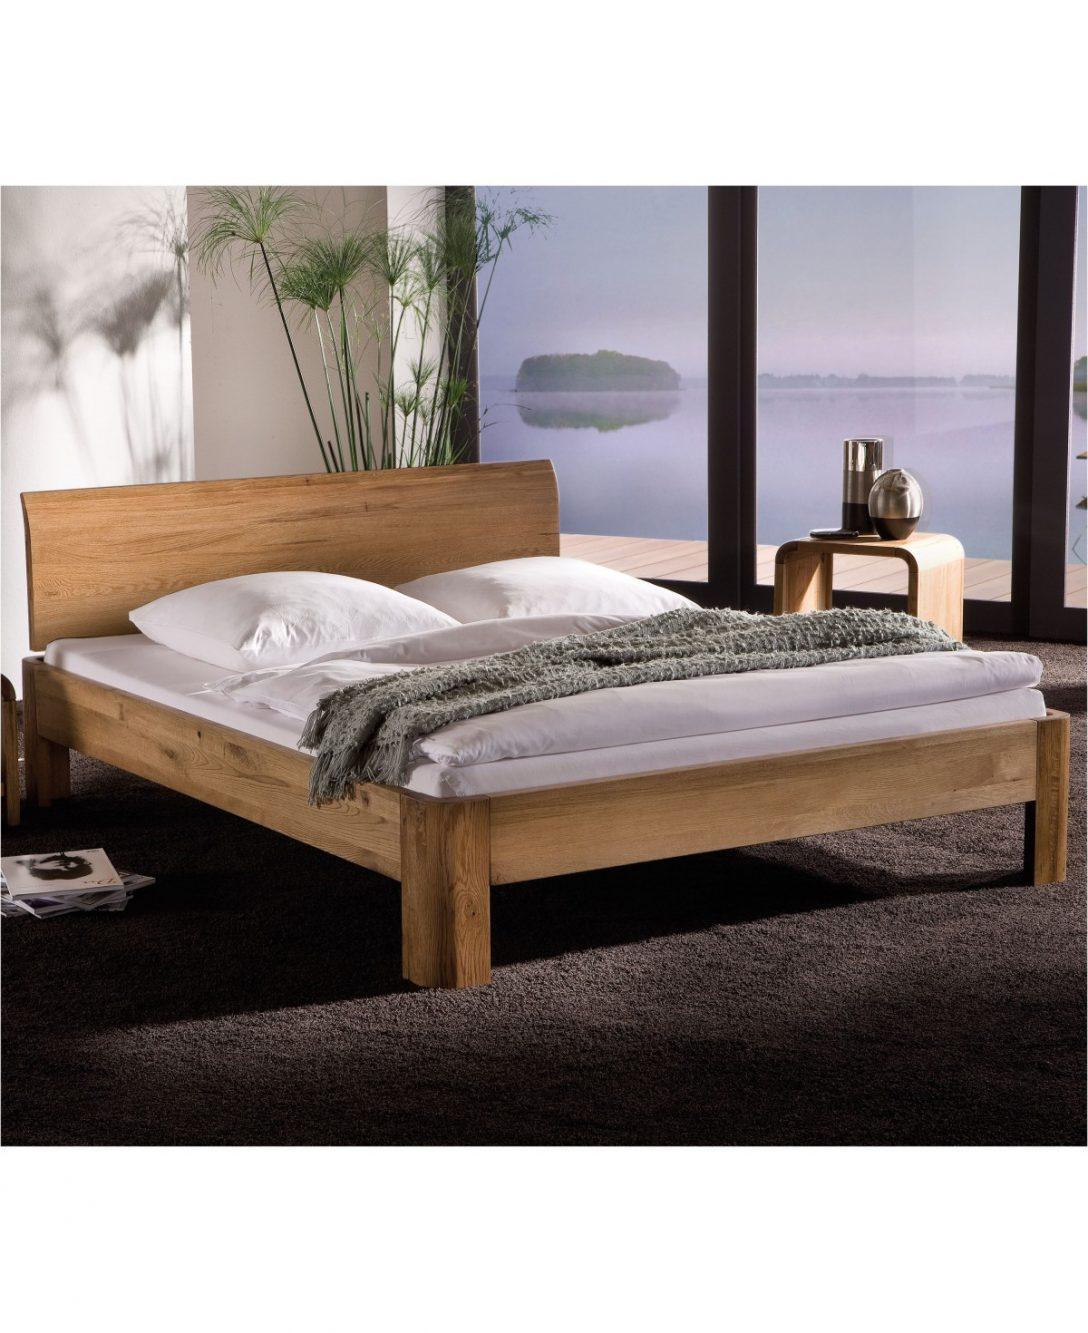 Large Size of Bett 100x200 Hasena Oak Line Modul 18 Lisio Fe Ronda 20 Eiche Natur Ohne Kopfteil Meise Betten Rückenlehne Bei Ikea 1 40x2 00 Mit Bettkasten 90x200 Somnus Bett Bett 100x200